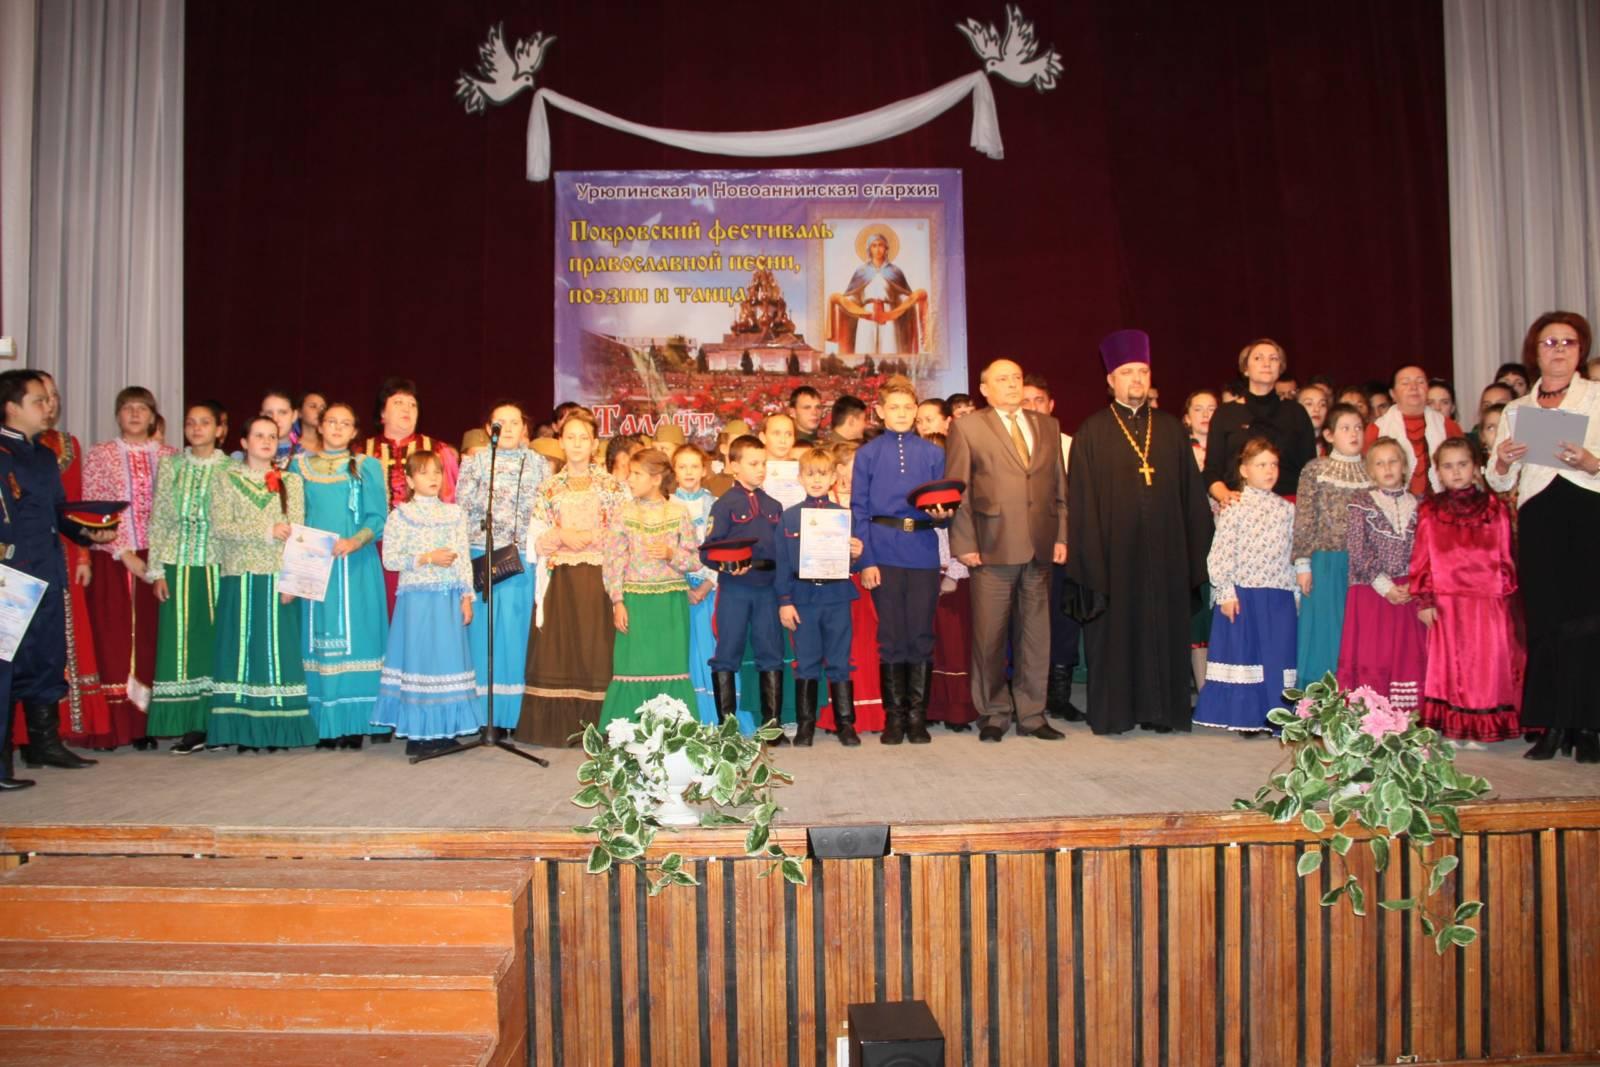 III Общеепархиальный Покровский фестиваль православной песни, поэзии и танца. - Урюпинская епархия